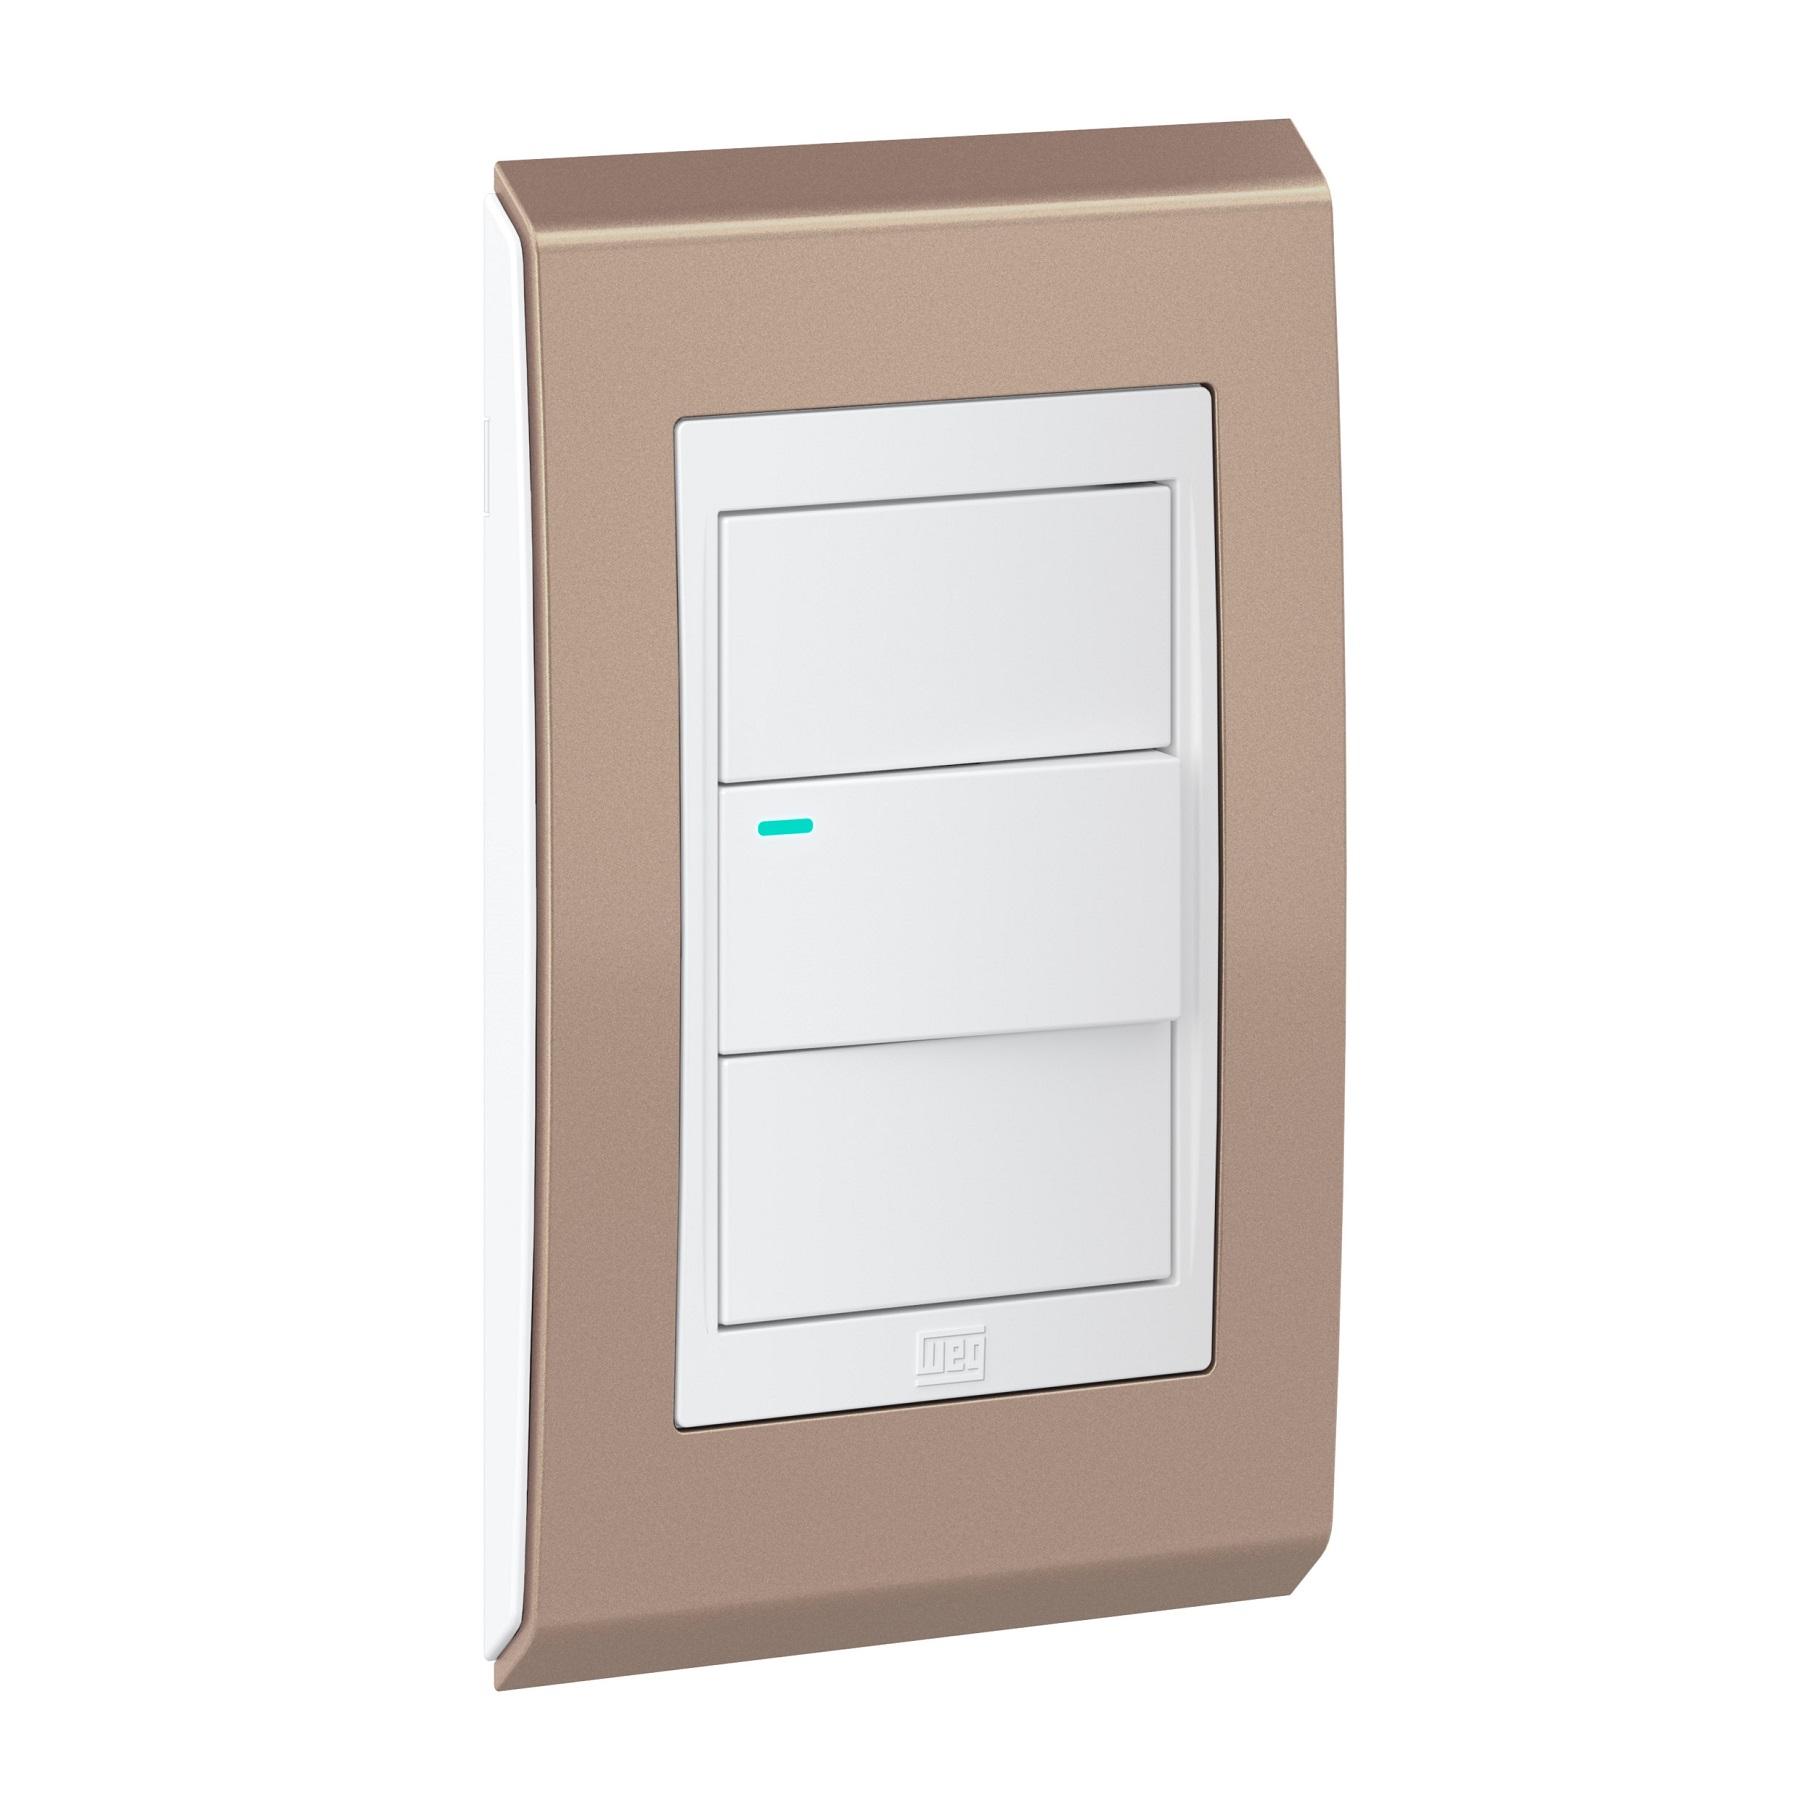 Conjunto 1 Interruptor LED - Refinatto Concept- Rosé Gold / Branco